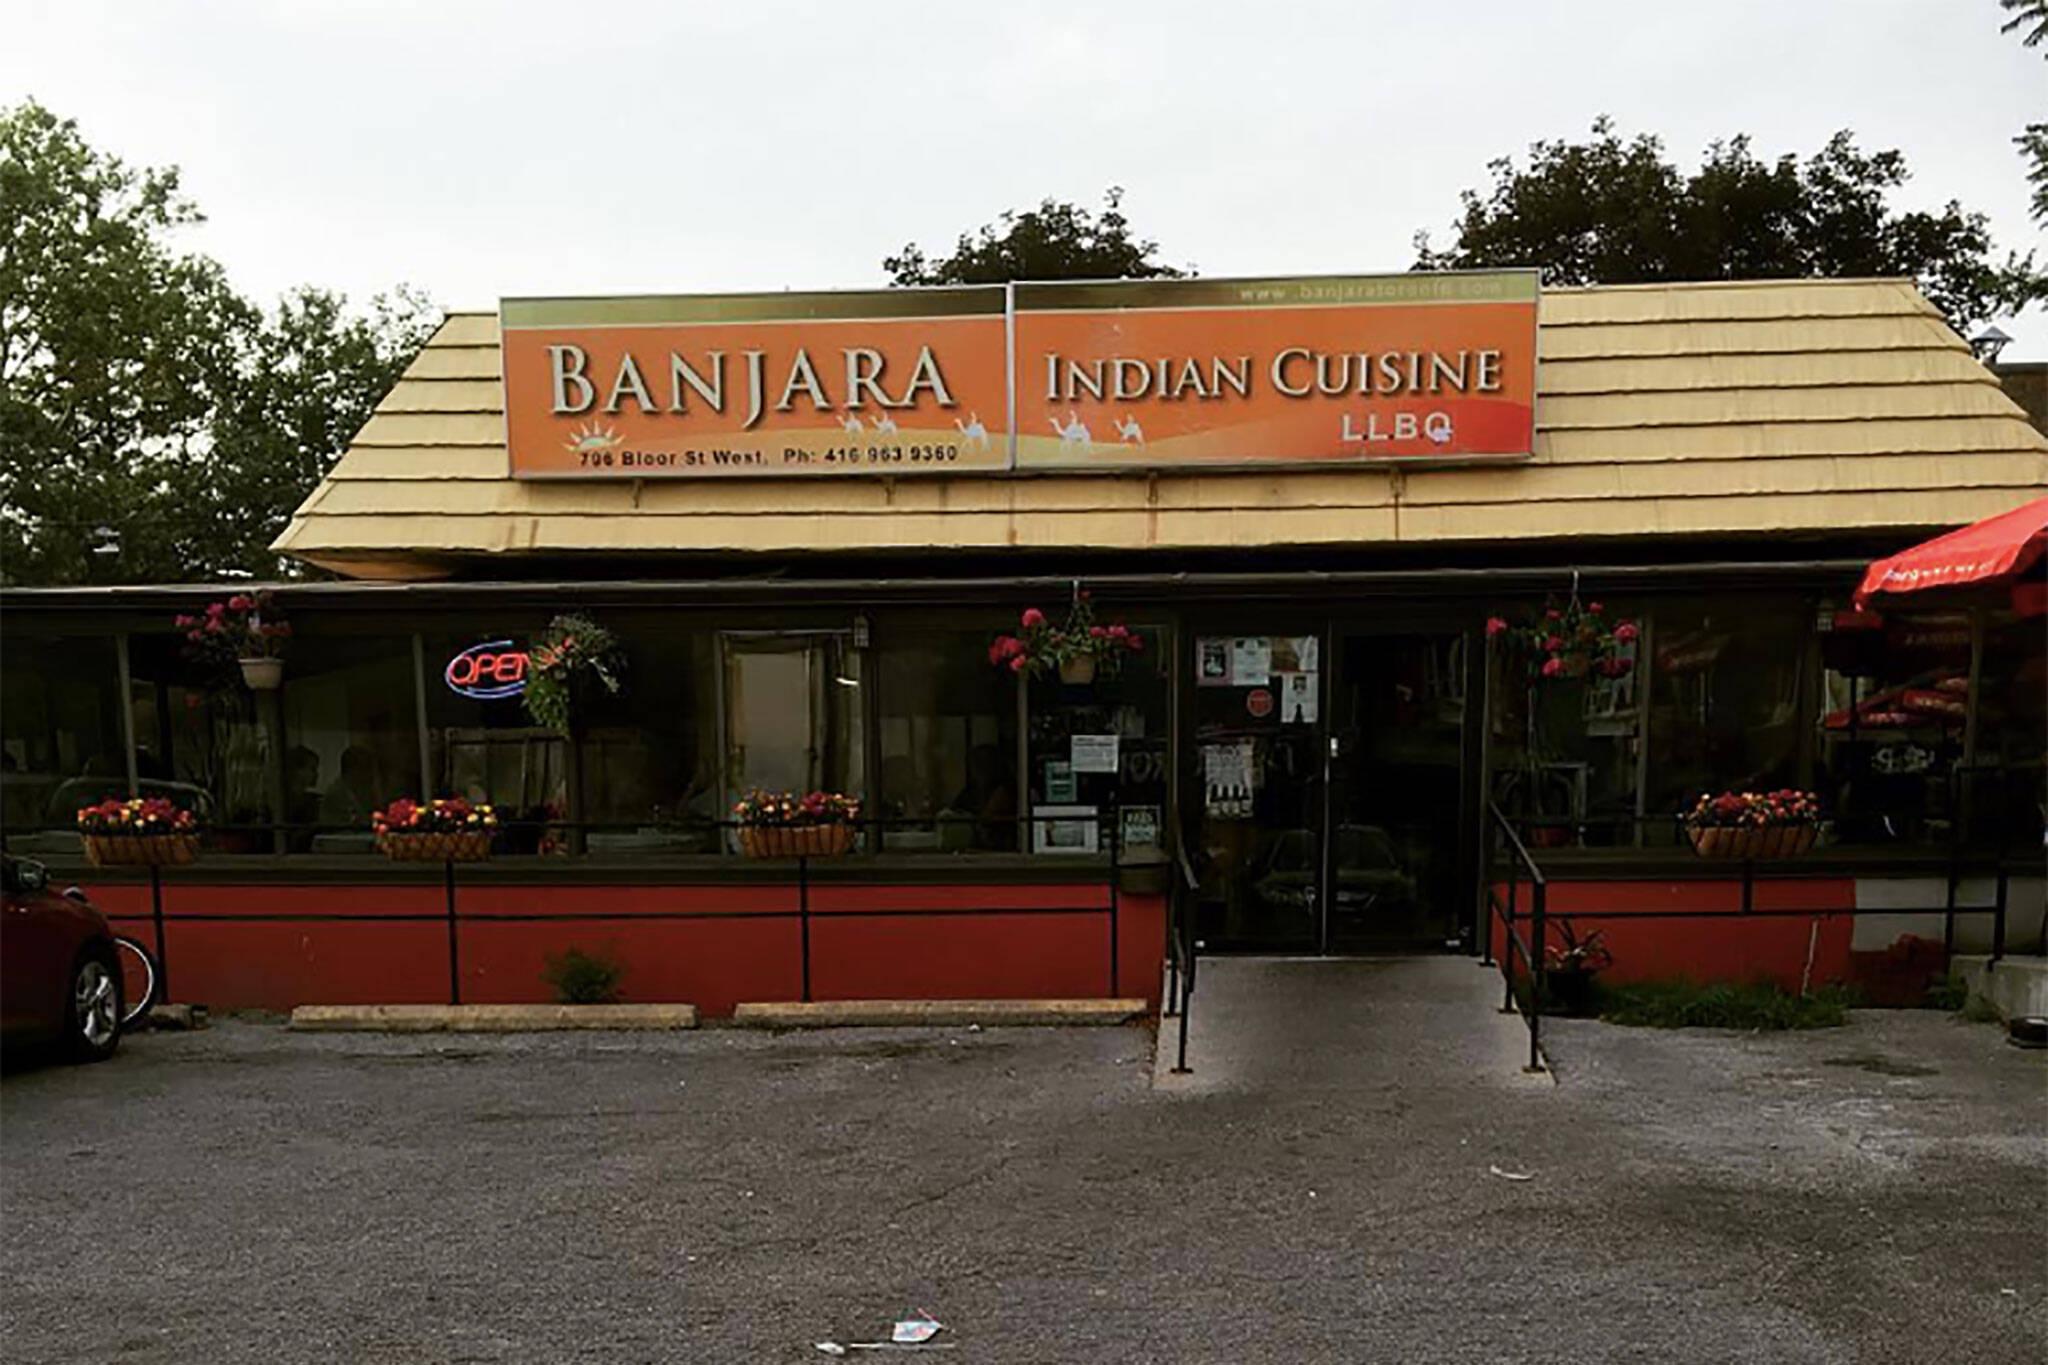 banjara indian restaurant fire toronto